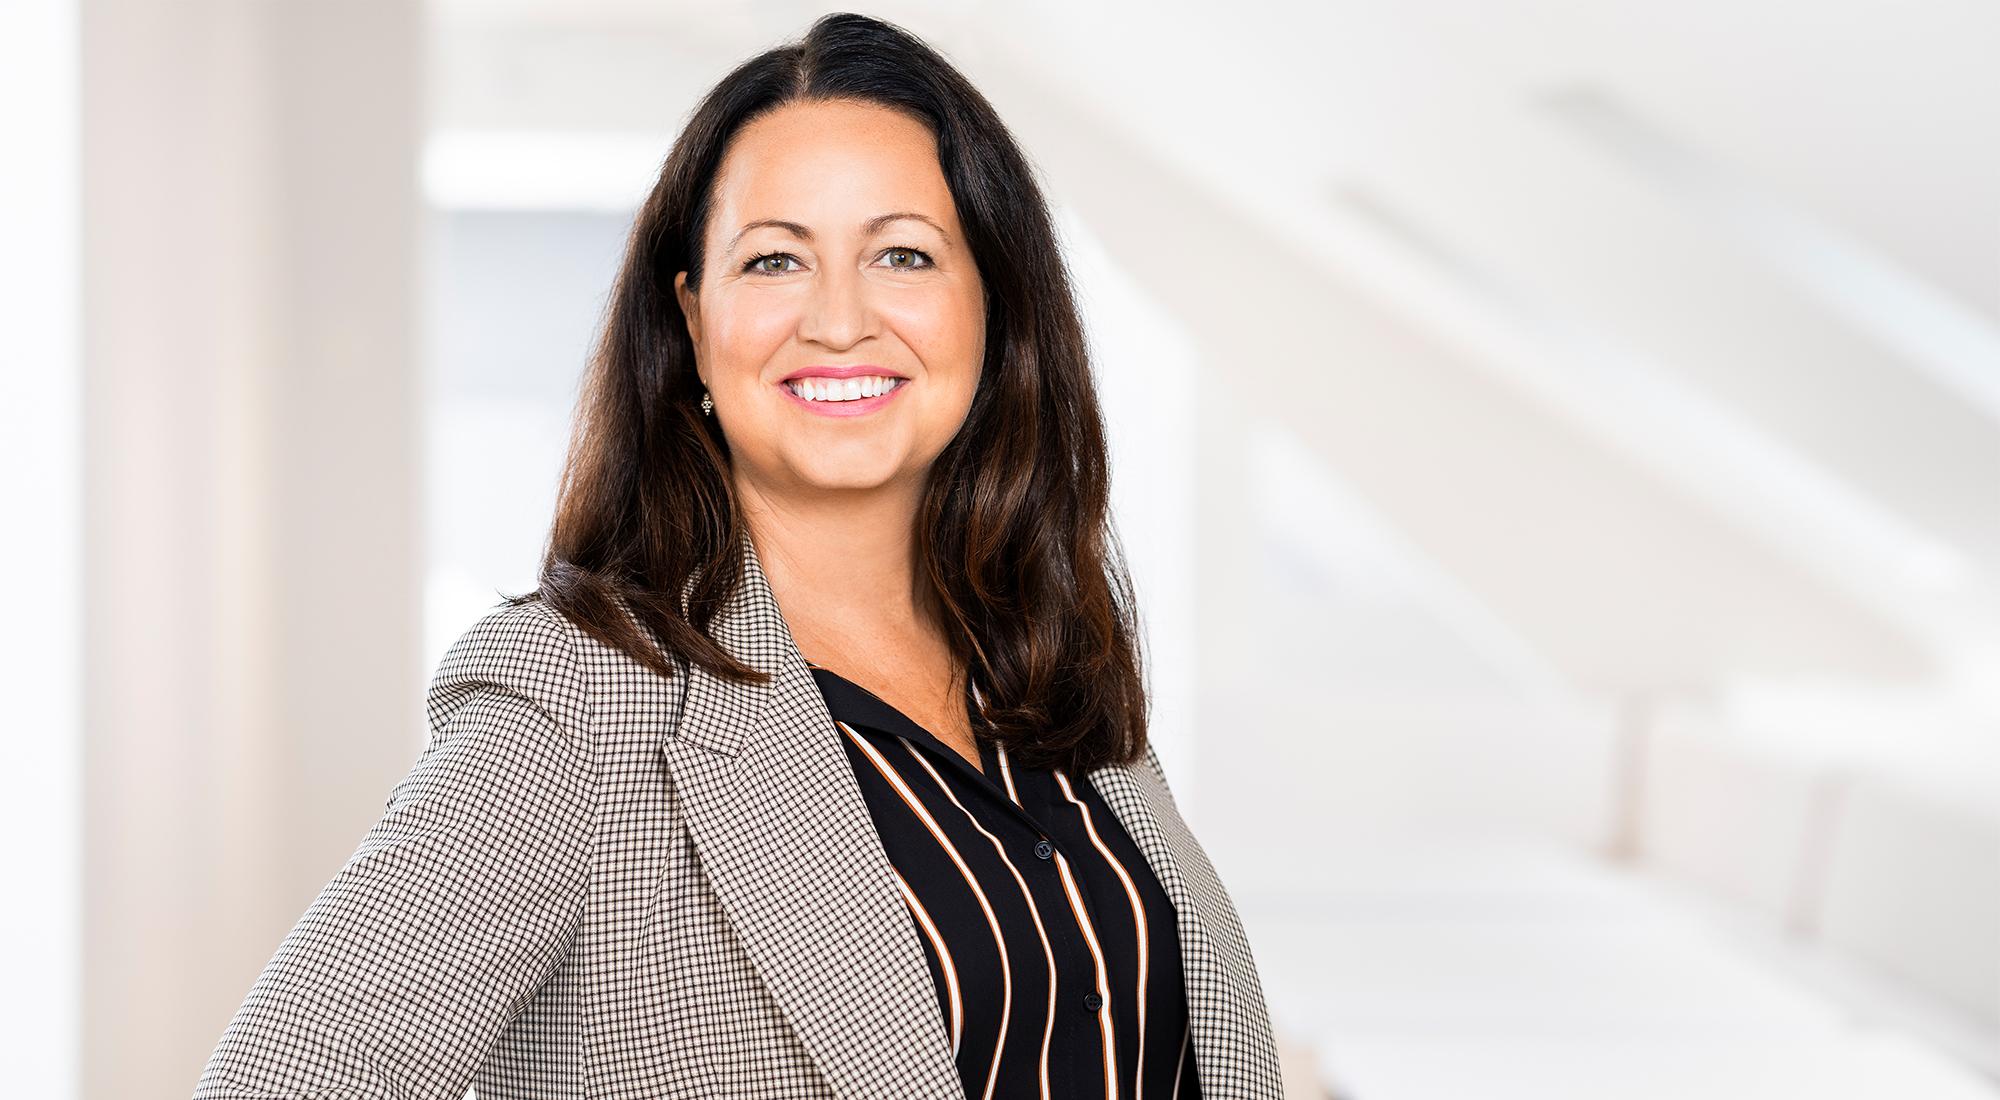 Lindex skruvar upp försäljningen med ny direktör